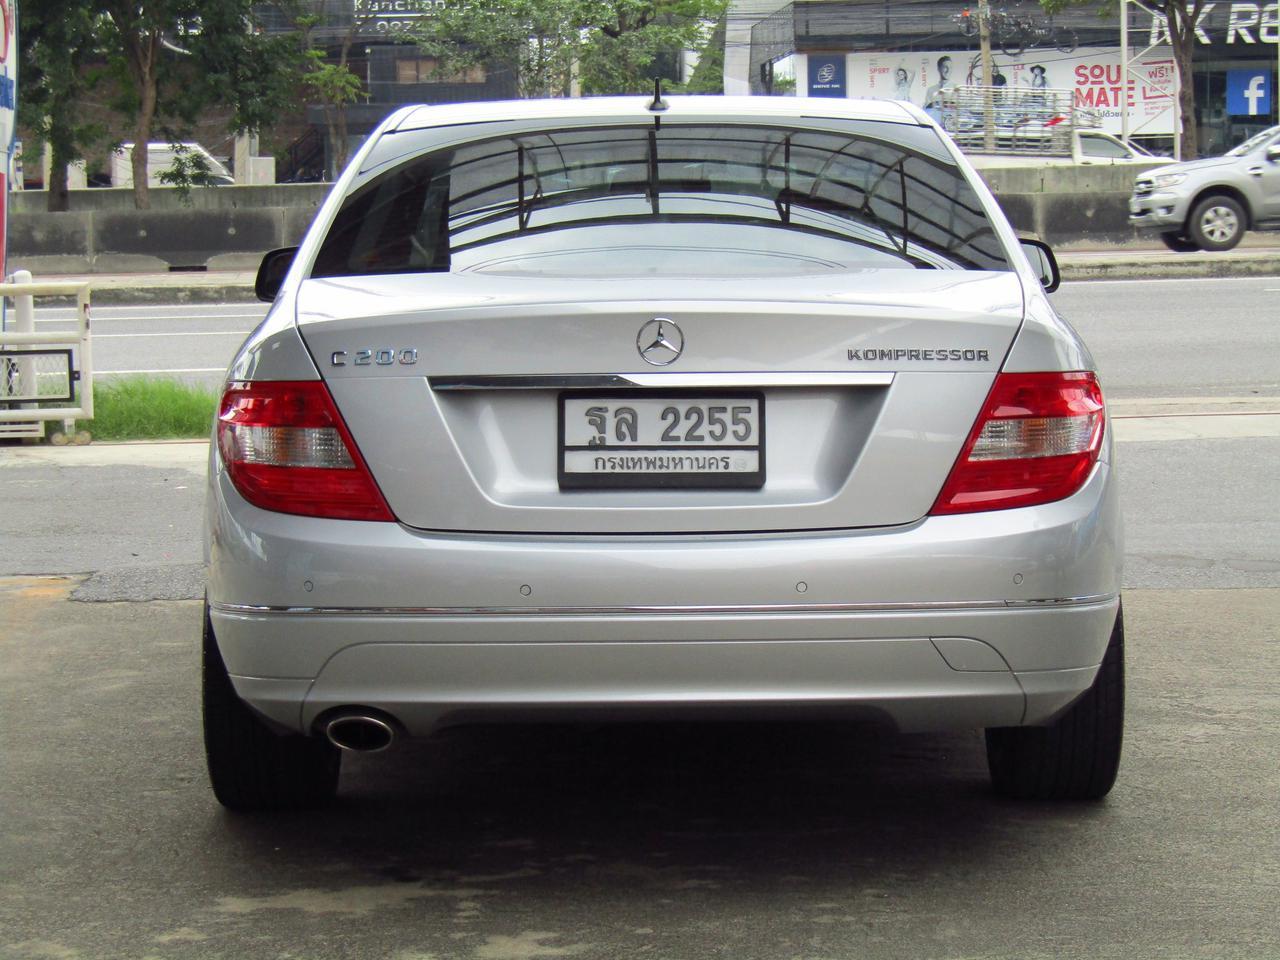 ⭐ ฟรีดาวน์ ออกรถ 0 บาท Benz C 200 K ELEGANCE ปี 2008 W 204 เบ็นซ์ รถบ้าน รถมือสอง รูปที่ 3